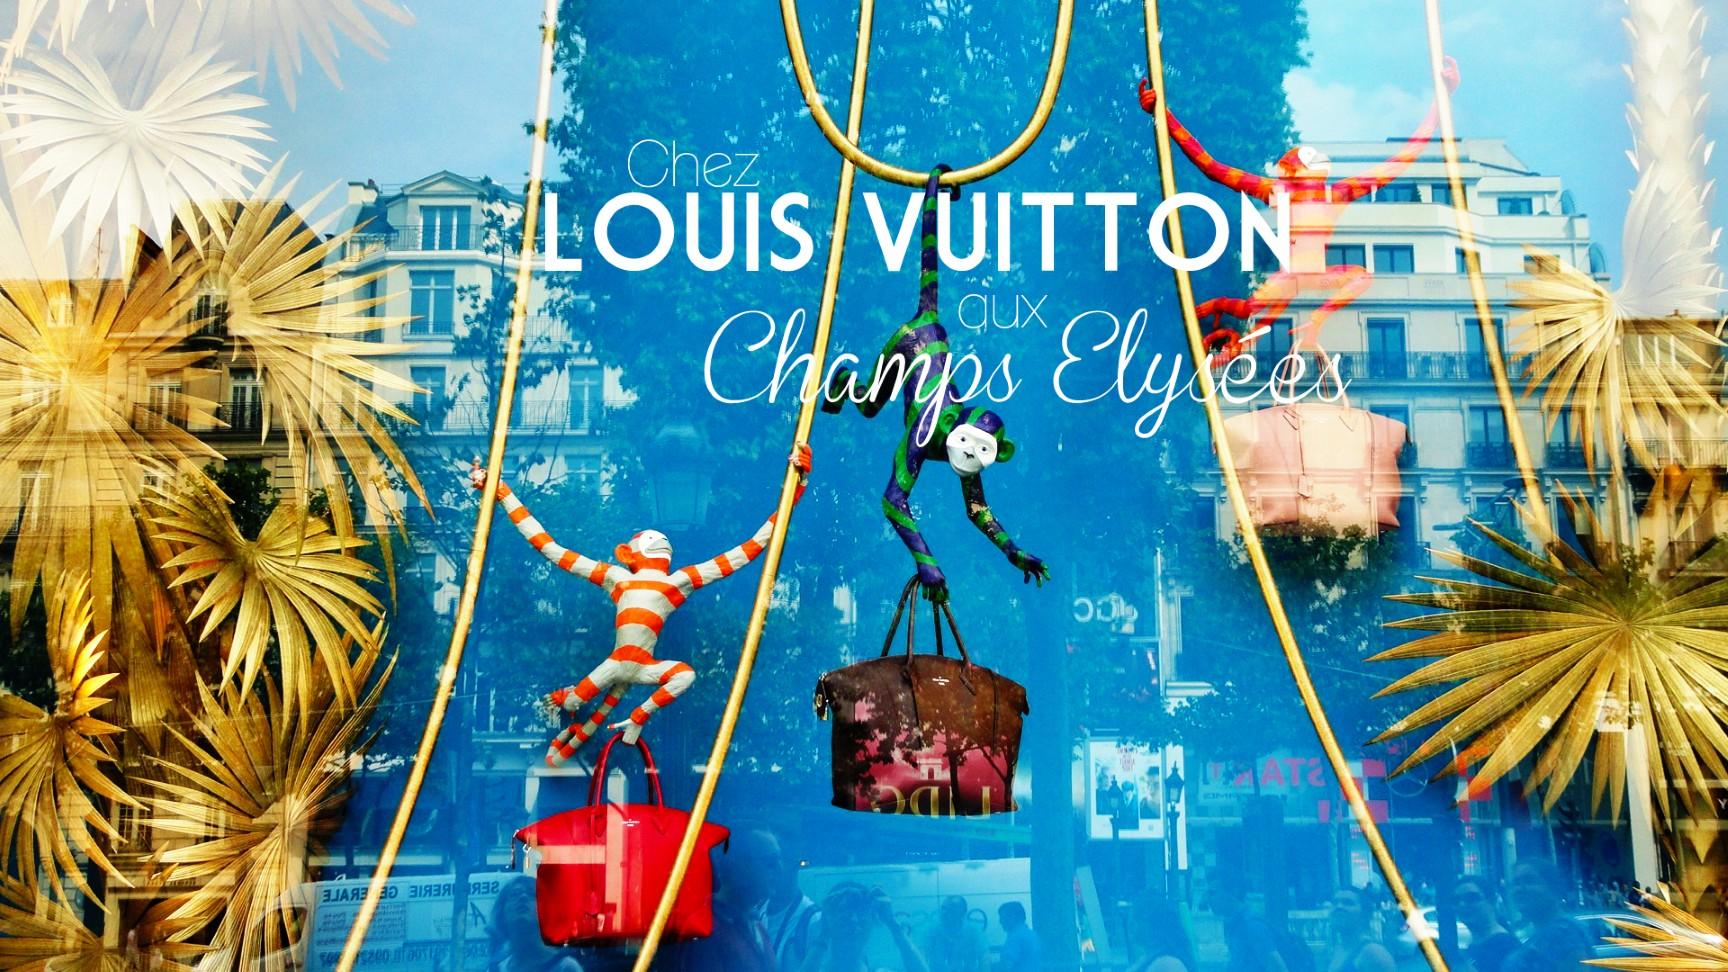 Boutique Louis Vitton, Champs Elysées - Vitrine